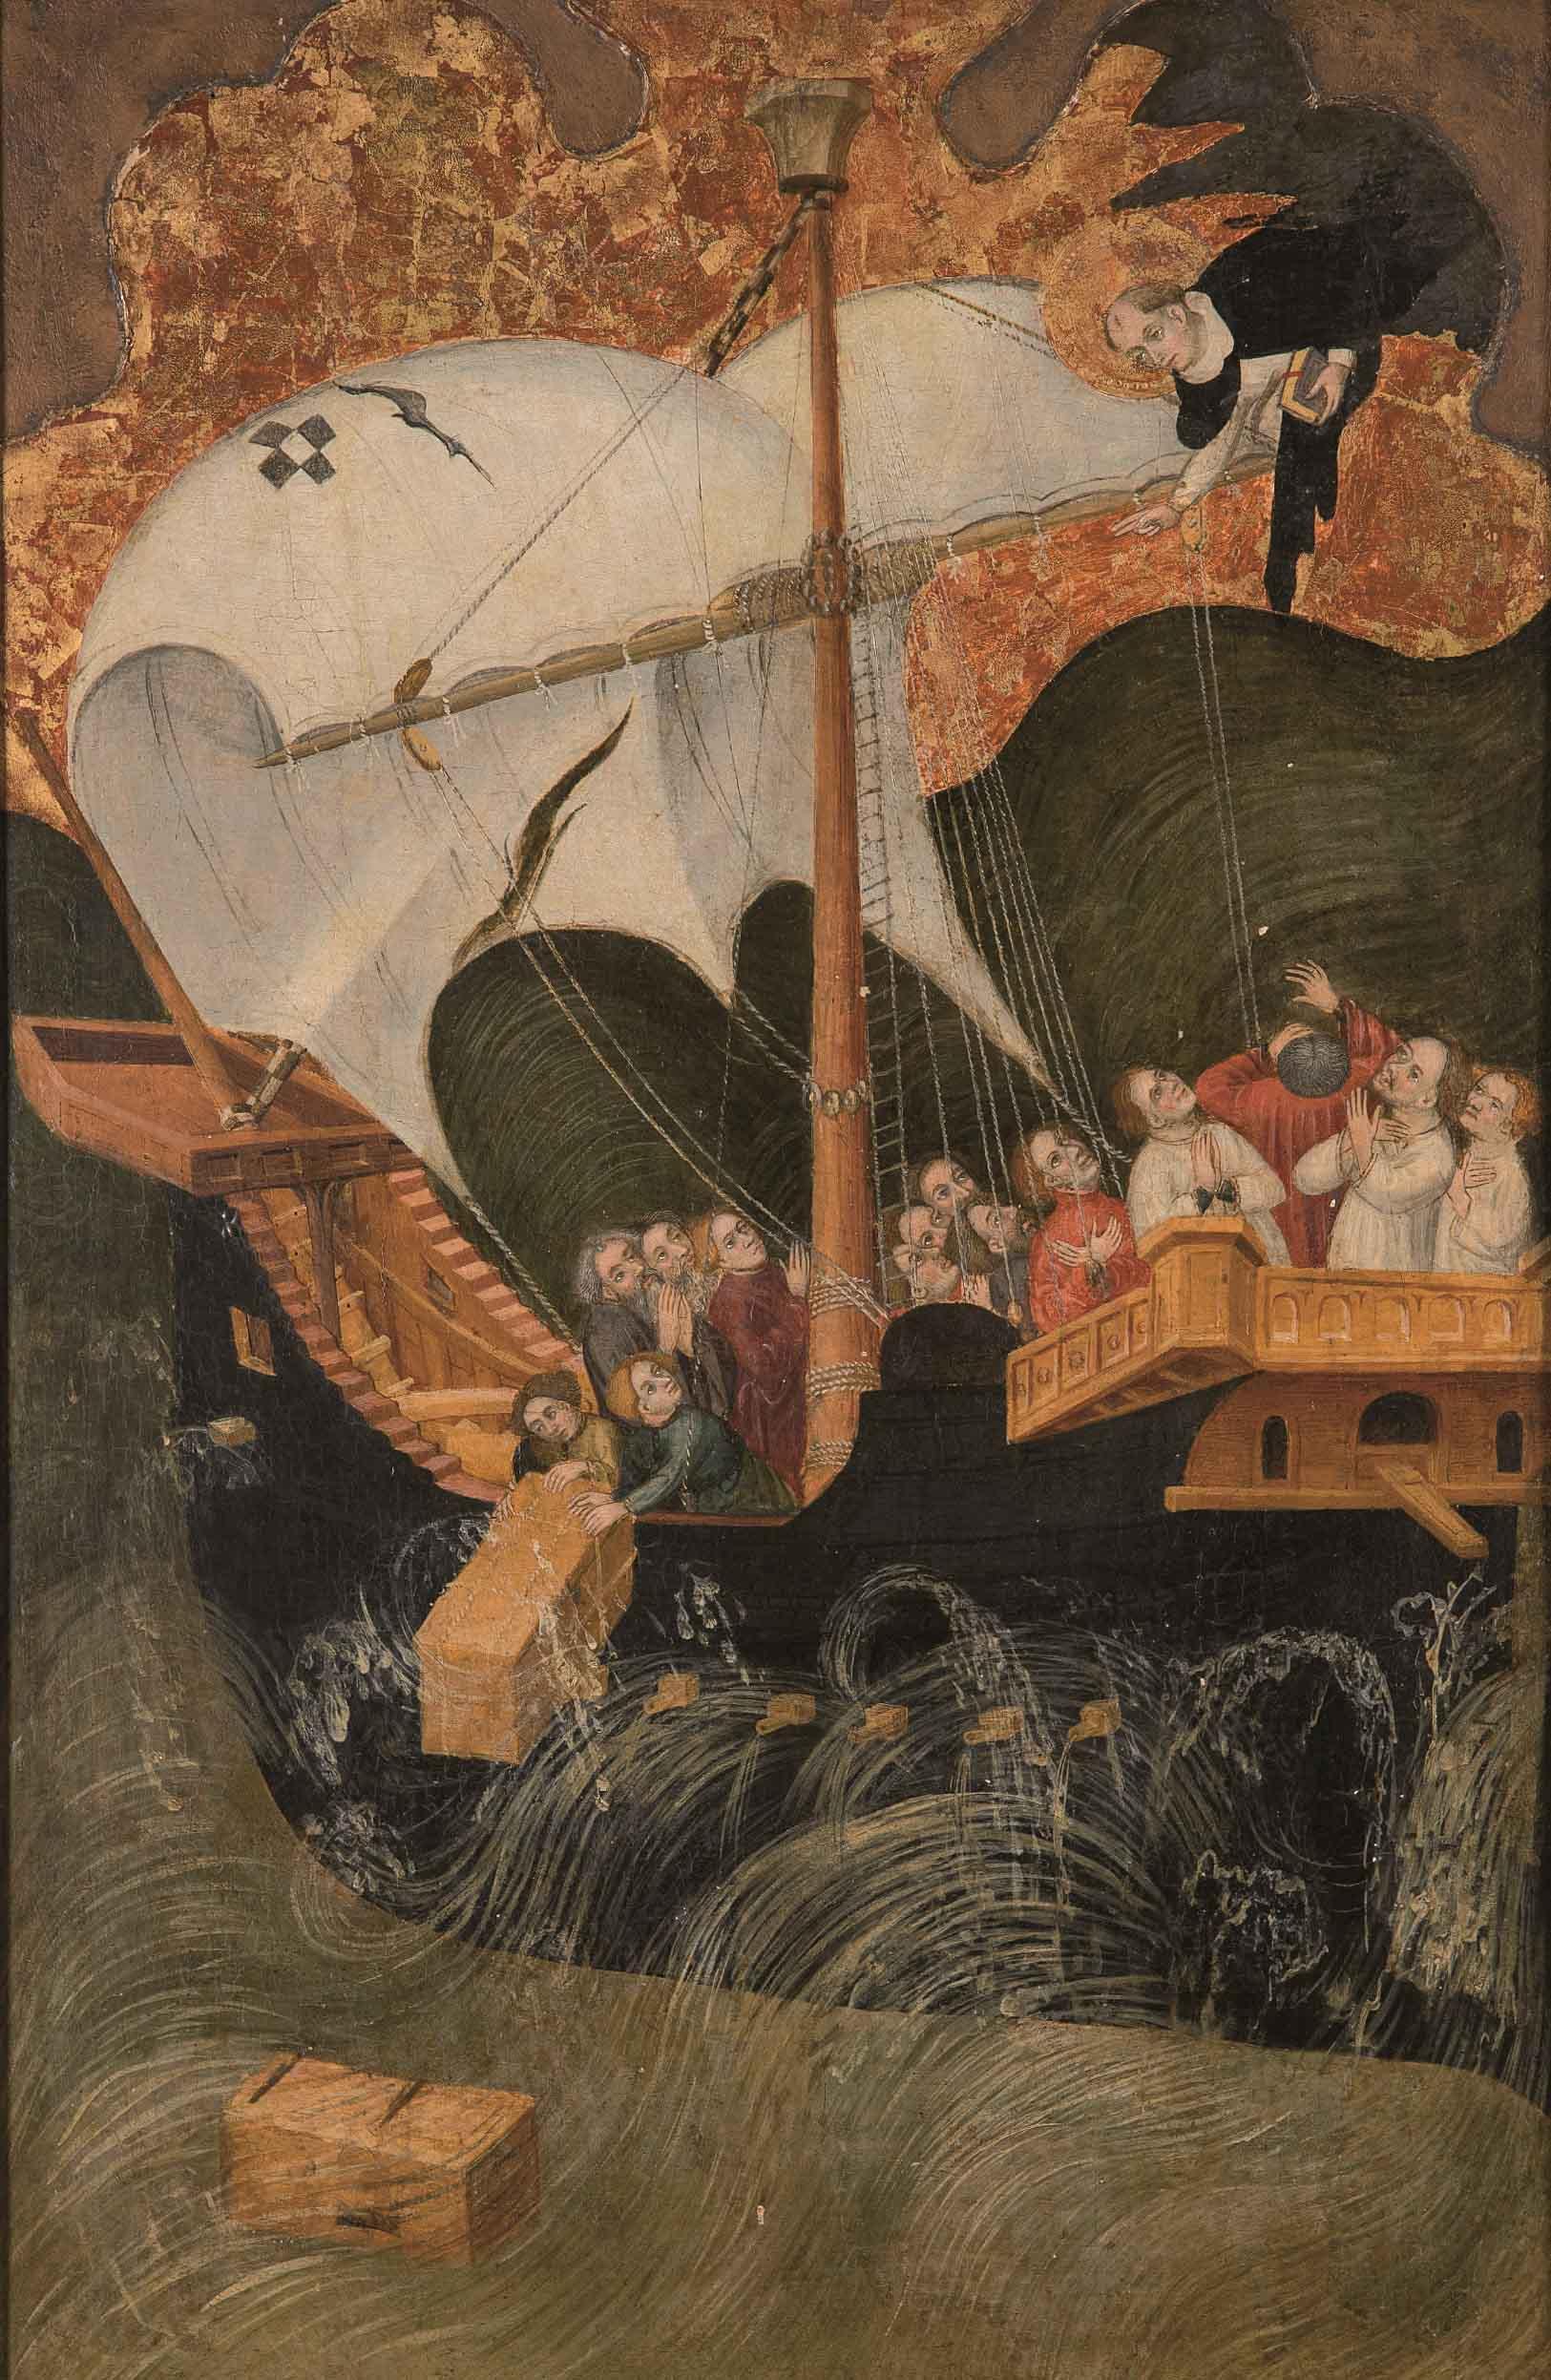 Lluis Borrassá y taller. Milagro de san Pedro Mártir y los náufragos, c. 1421-1425. Salida: 75.000 euros. Remate: 90.000 euros